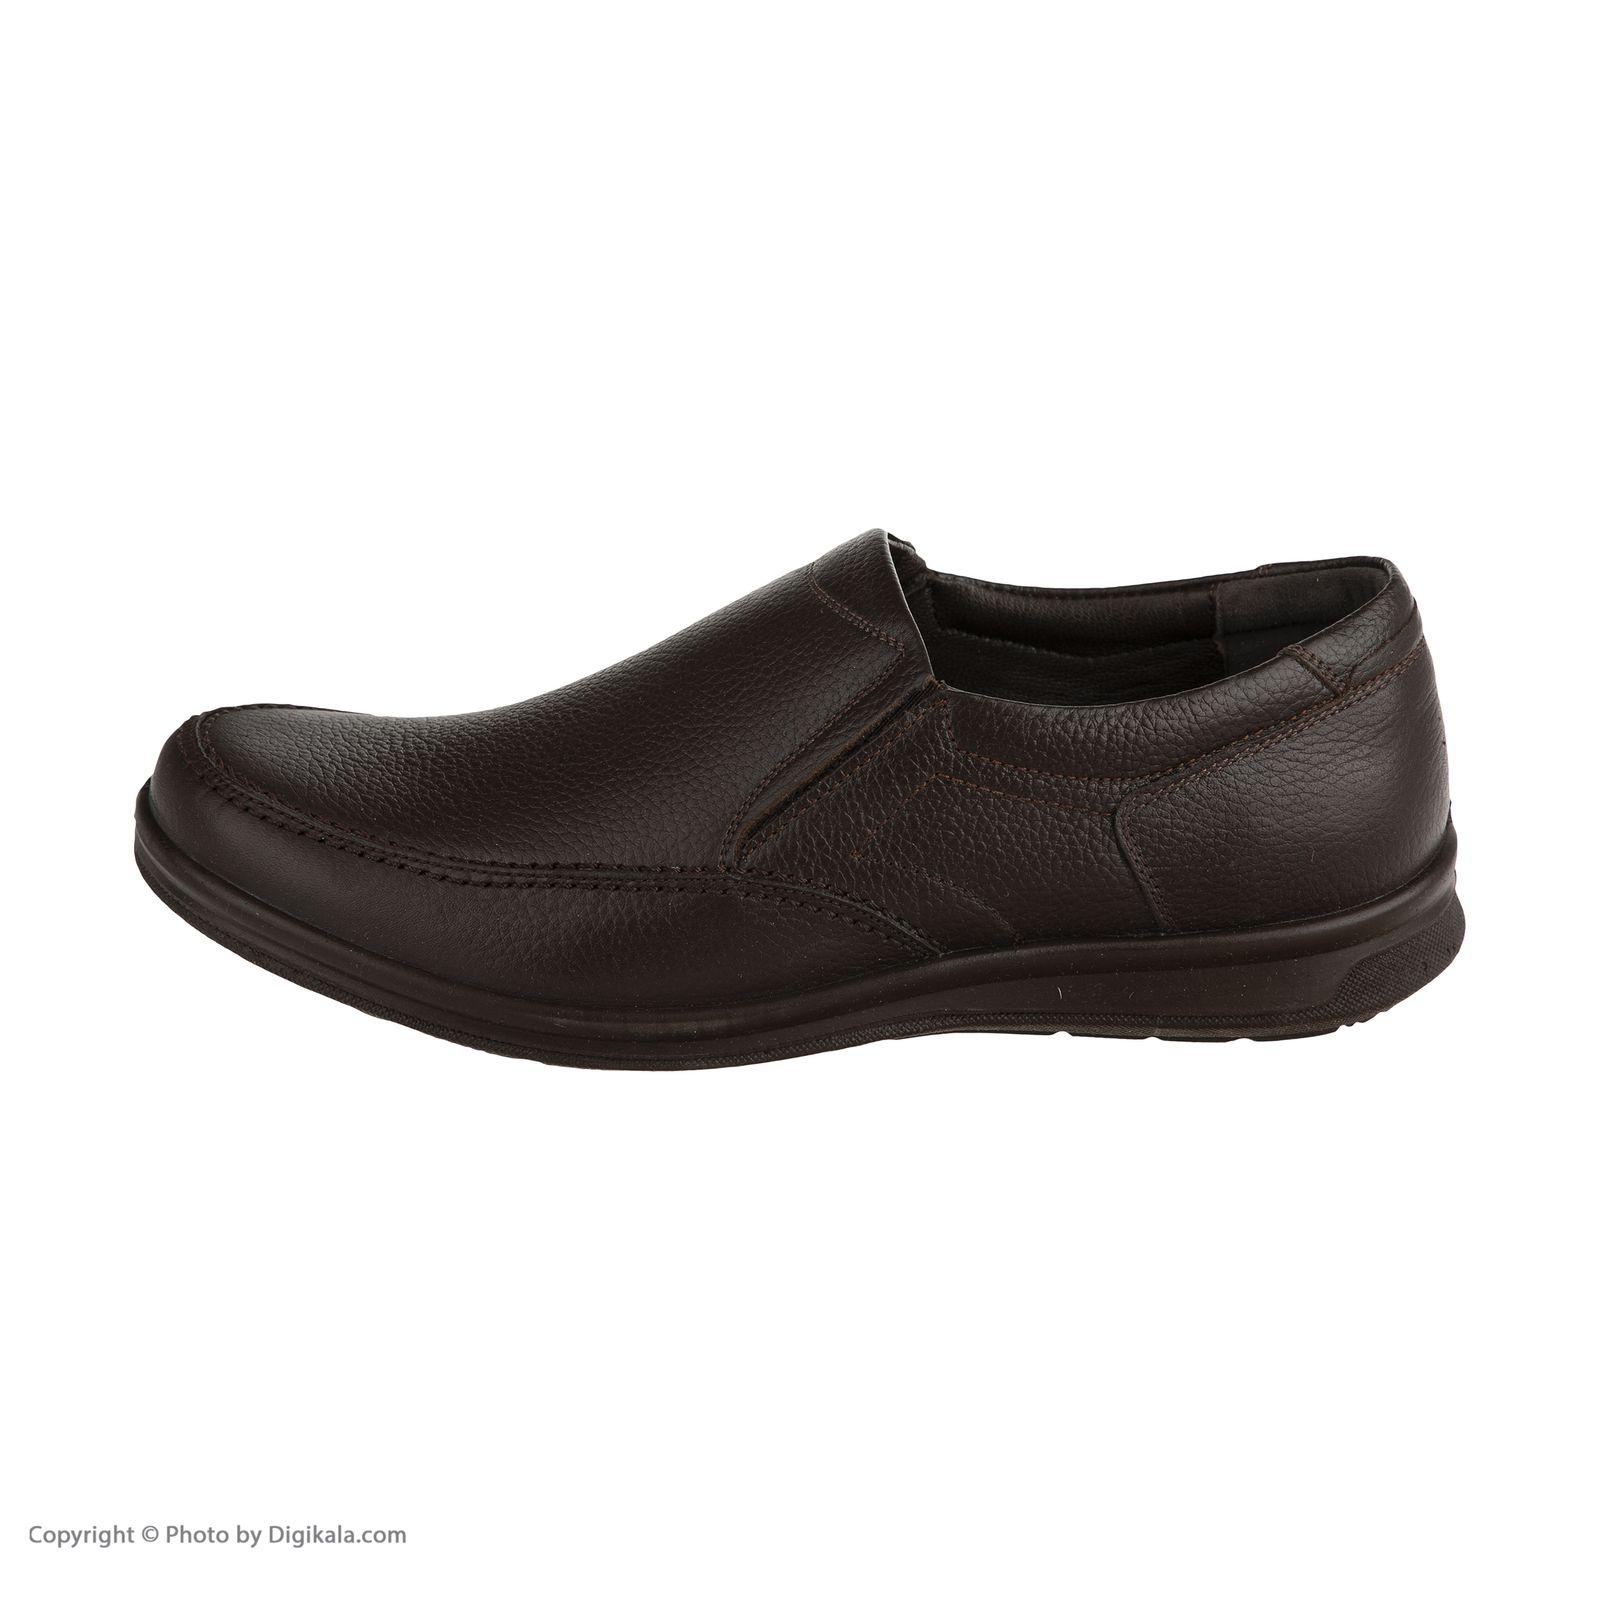 کفش روزمره مردانه بلوط مدل 7296A503104 -  - 3